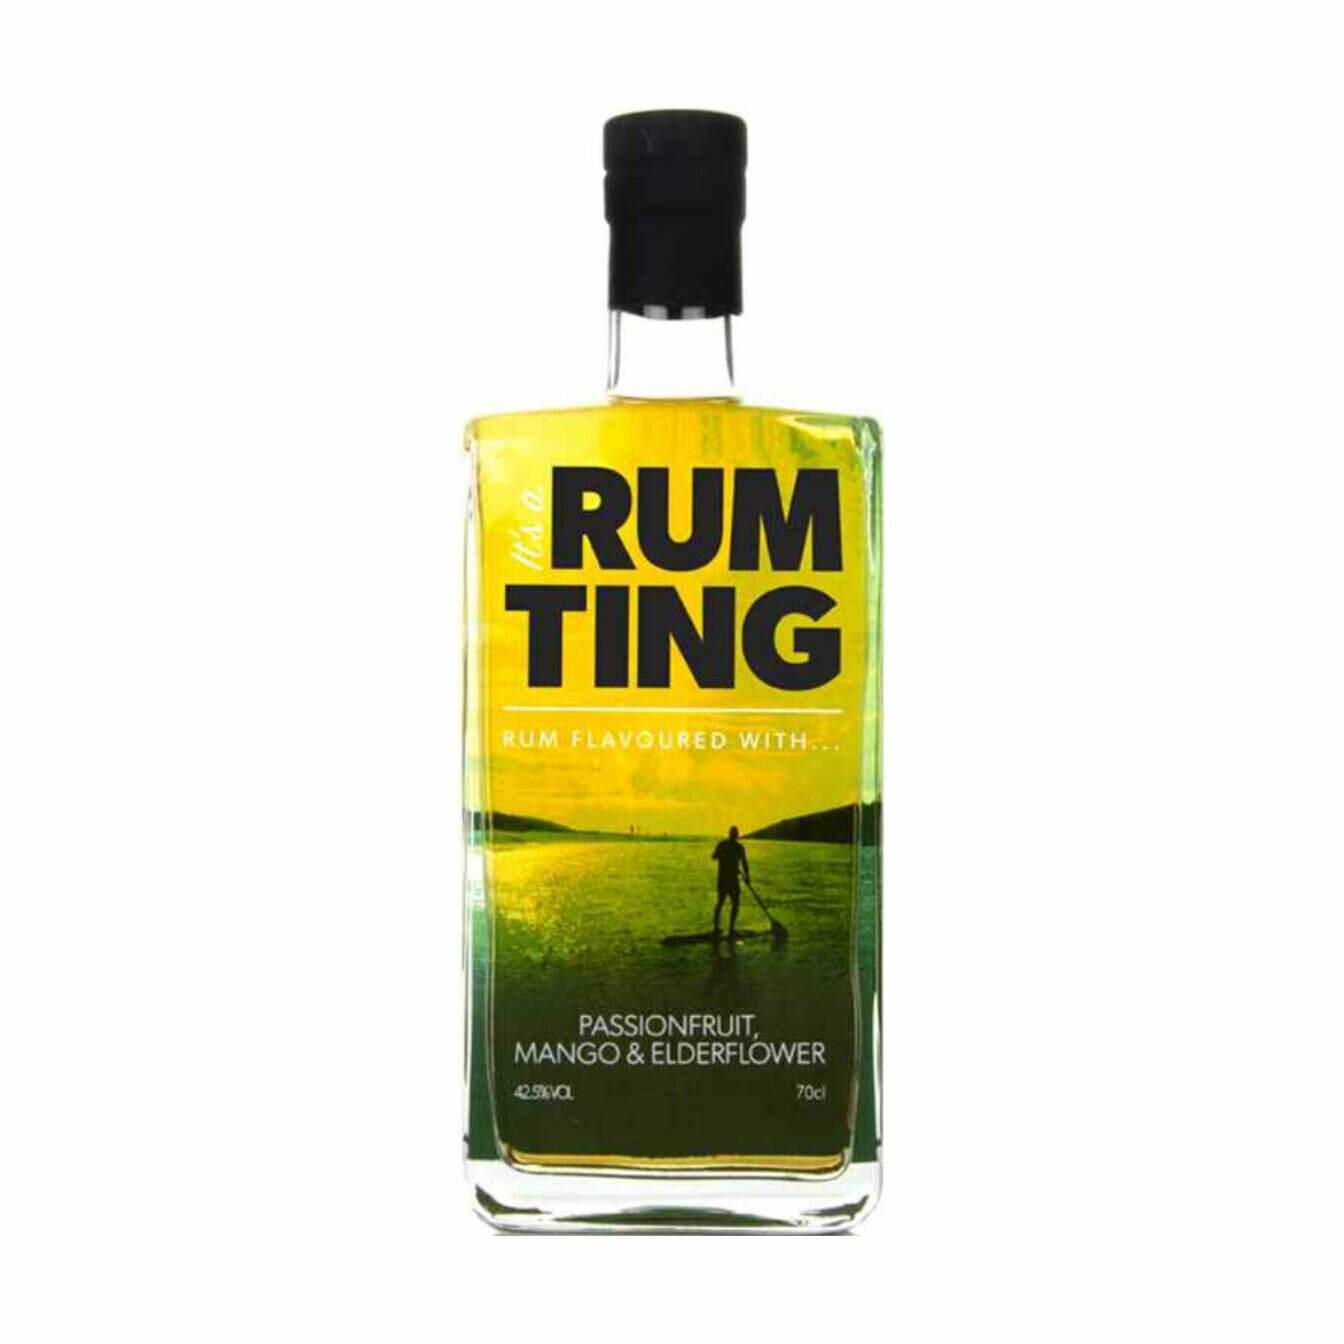 Rum Ting Passionfruit, Mango & Elderflower